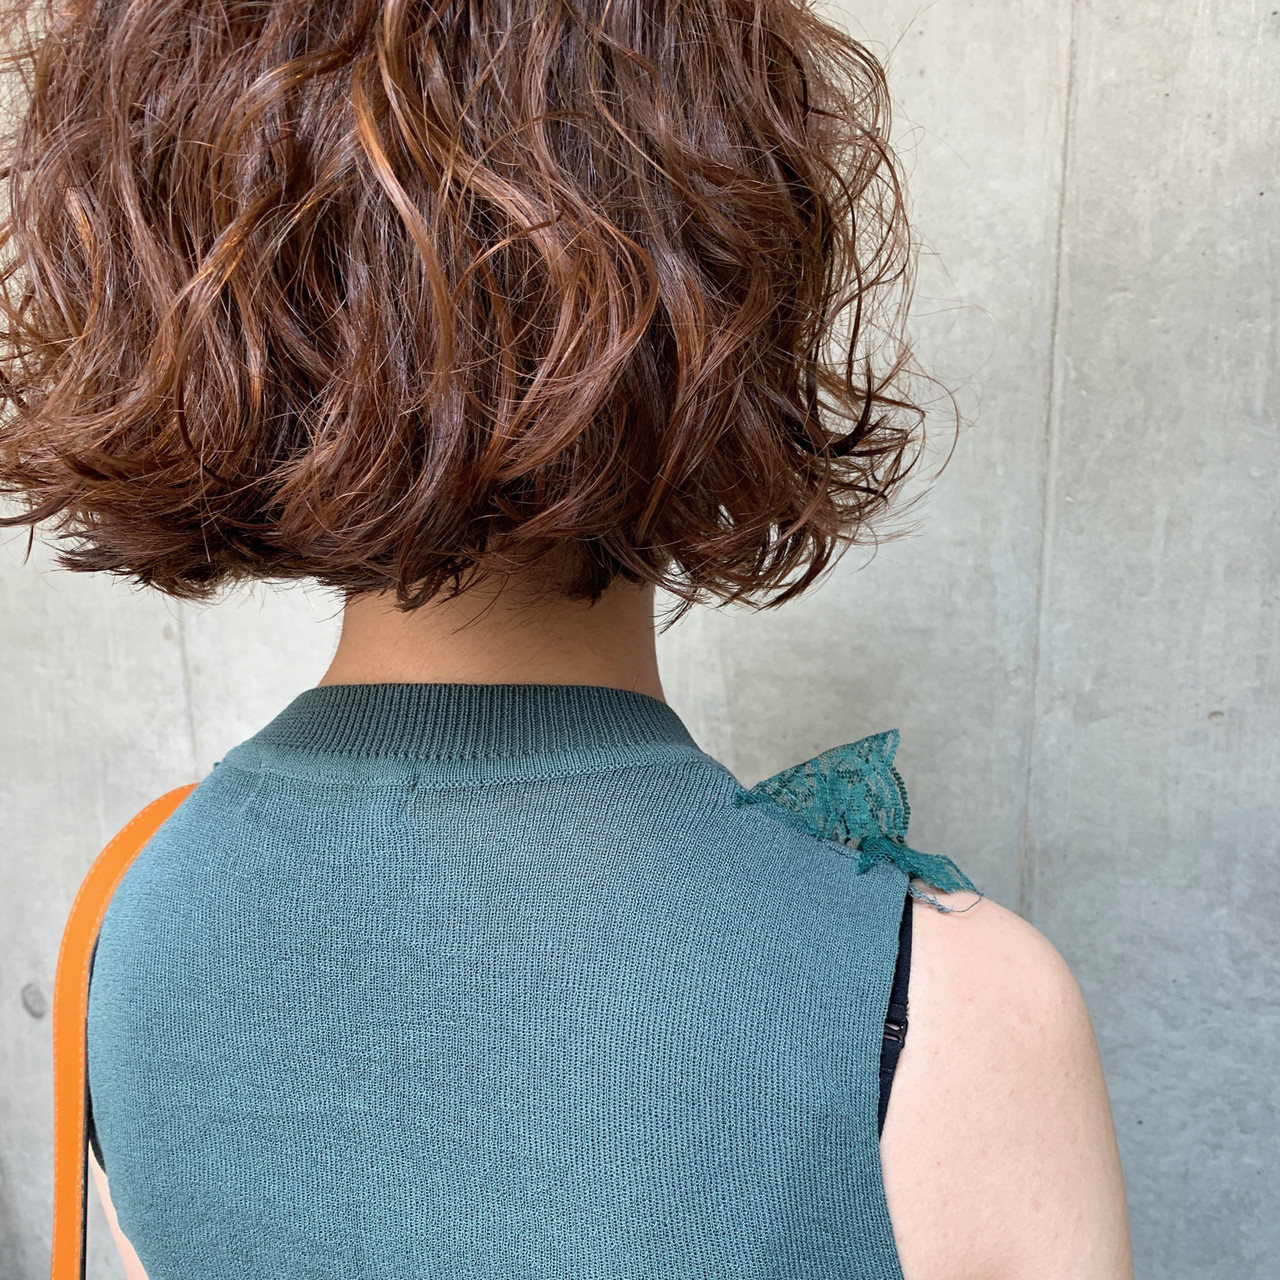 ボブ ヘアアレンジ デート パーマ ヘアスタイルや髪型の写真・画像 | bibito crew / bibito